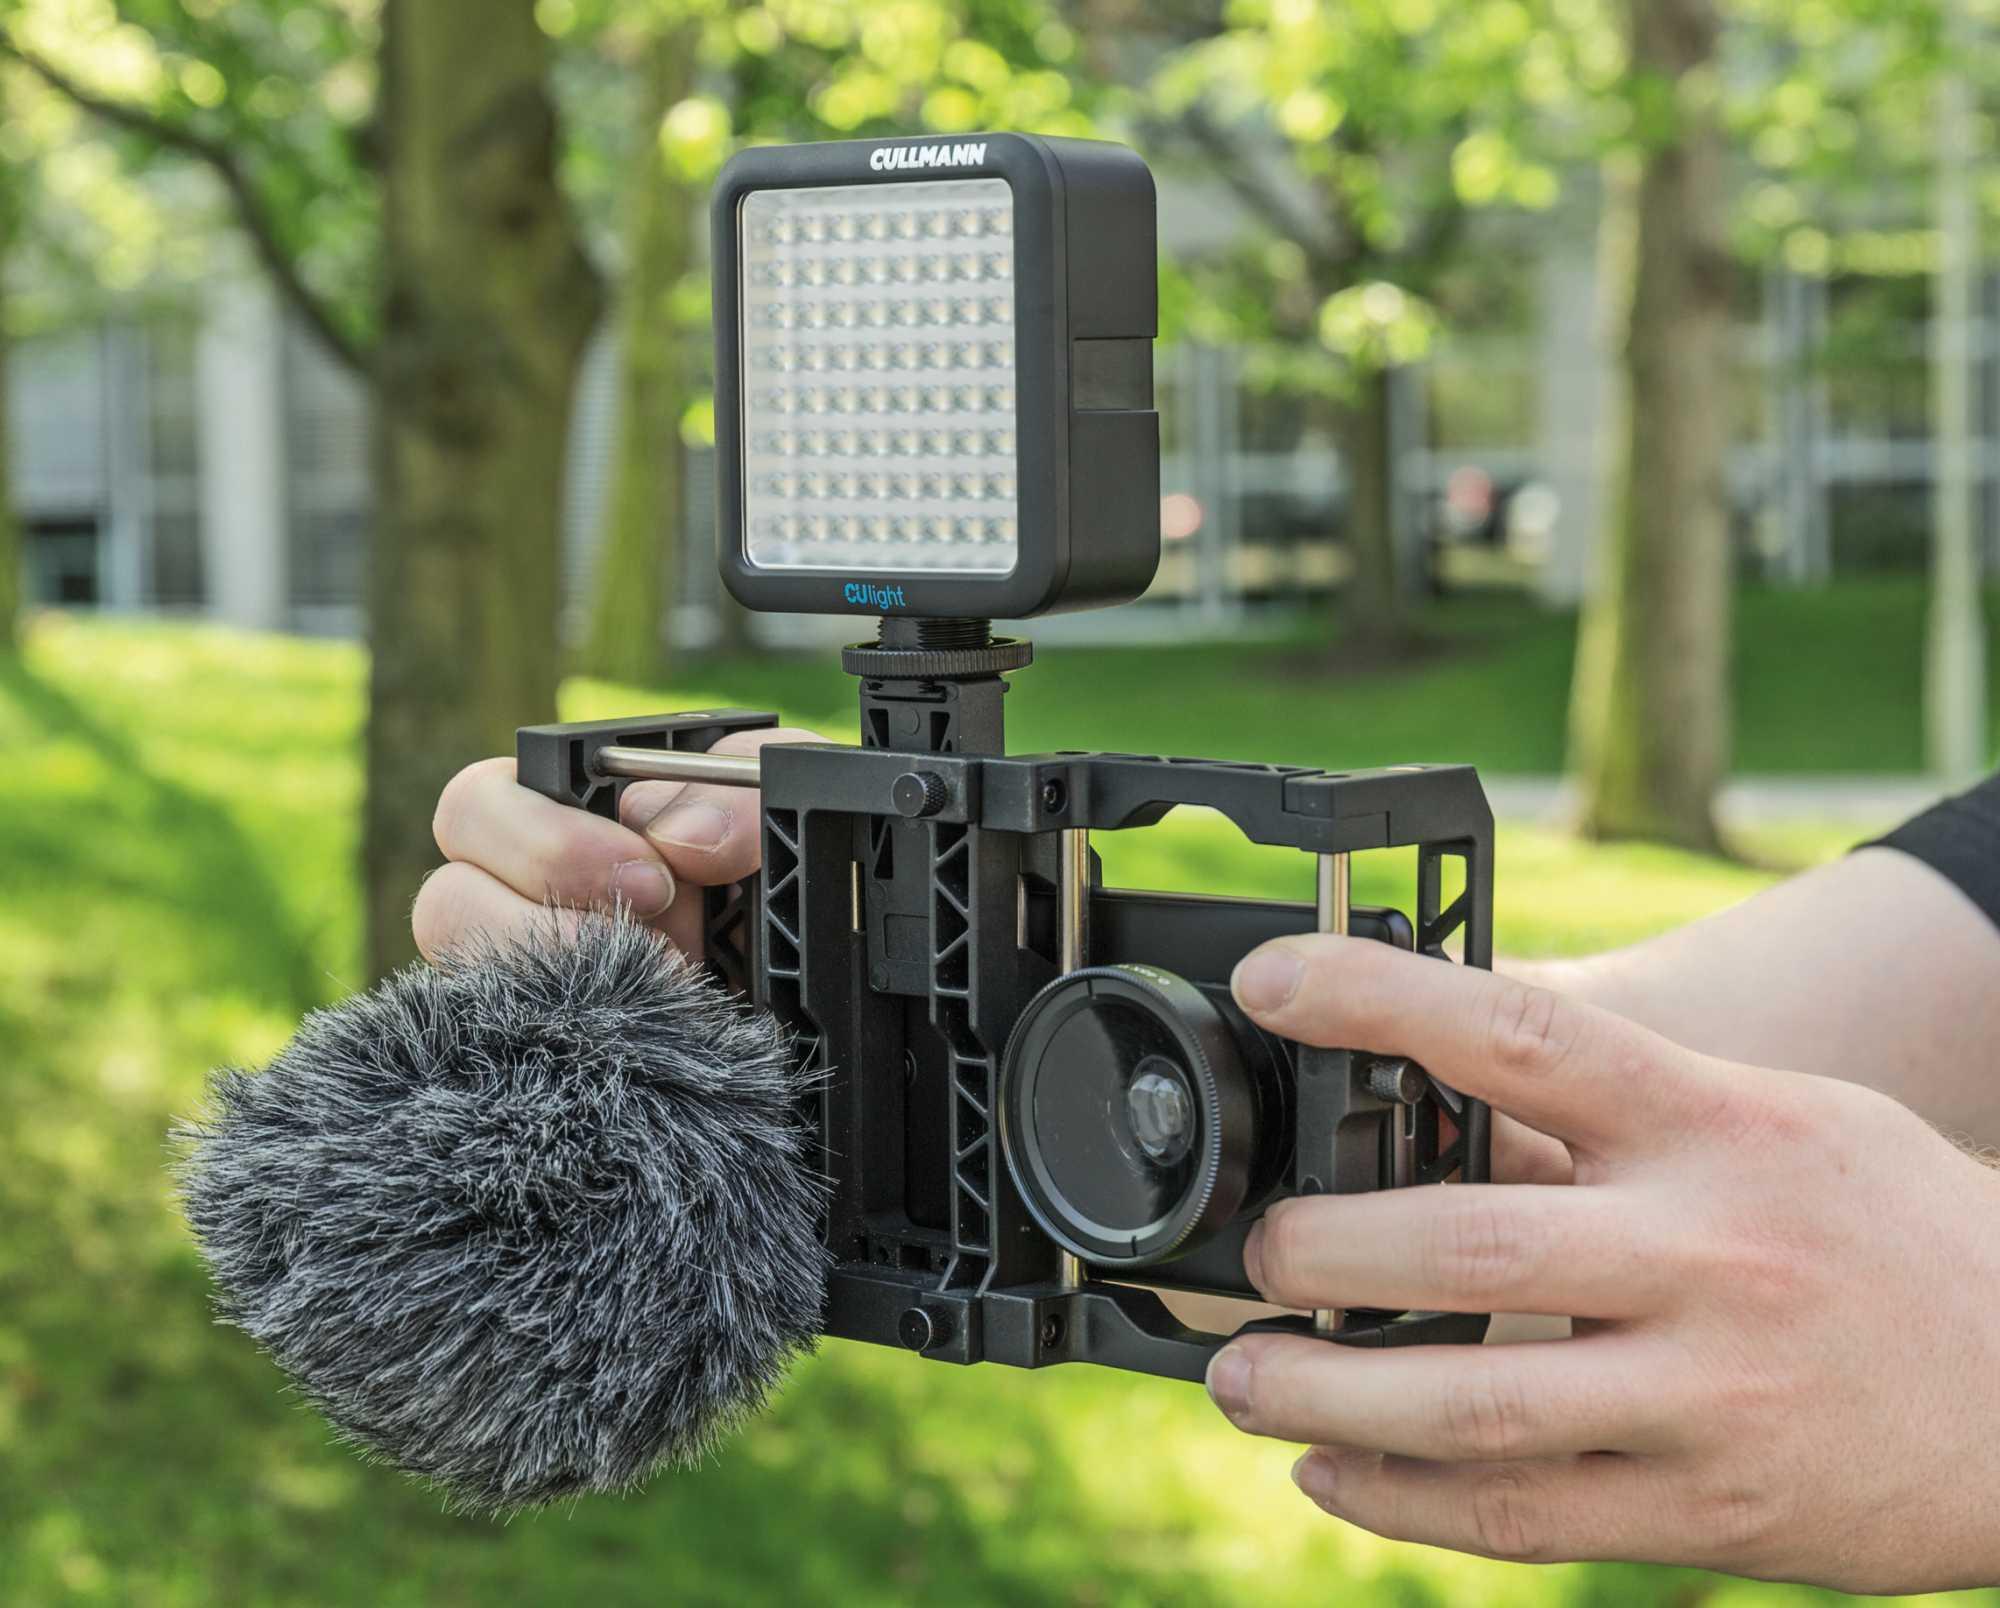 Mit dem Smartphone dreht es sich vor allem flexibel: Einfach aus der Hand, stabilisiert mit einem Gimbal oder wie hier aufgemotzt mit Rig für Mikrofon, Leuchte und Zusatzobjektiv.